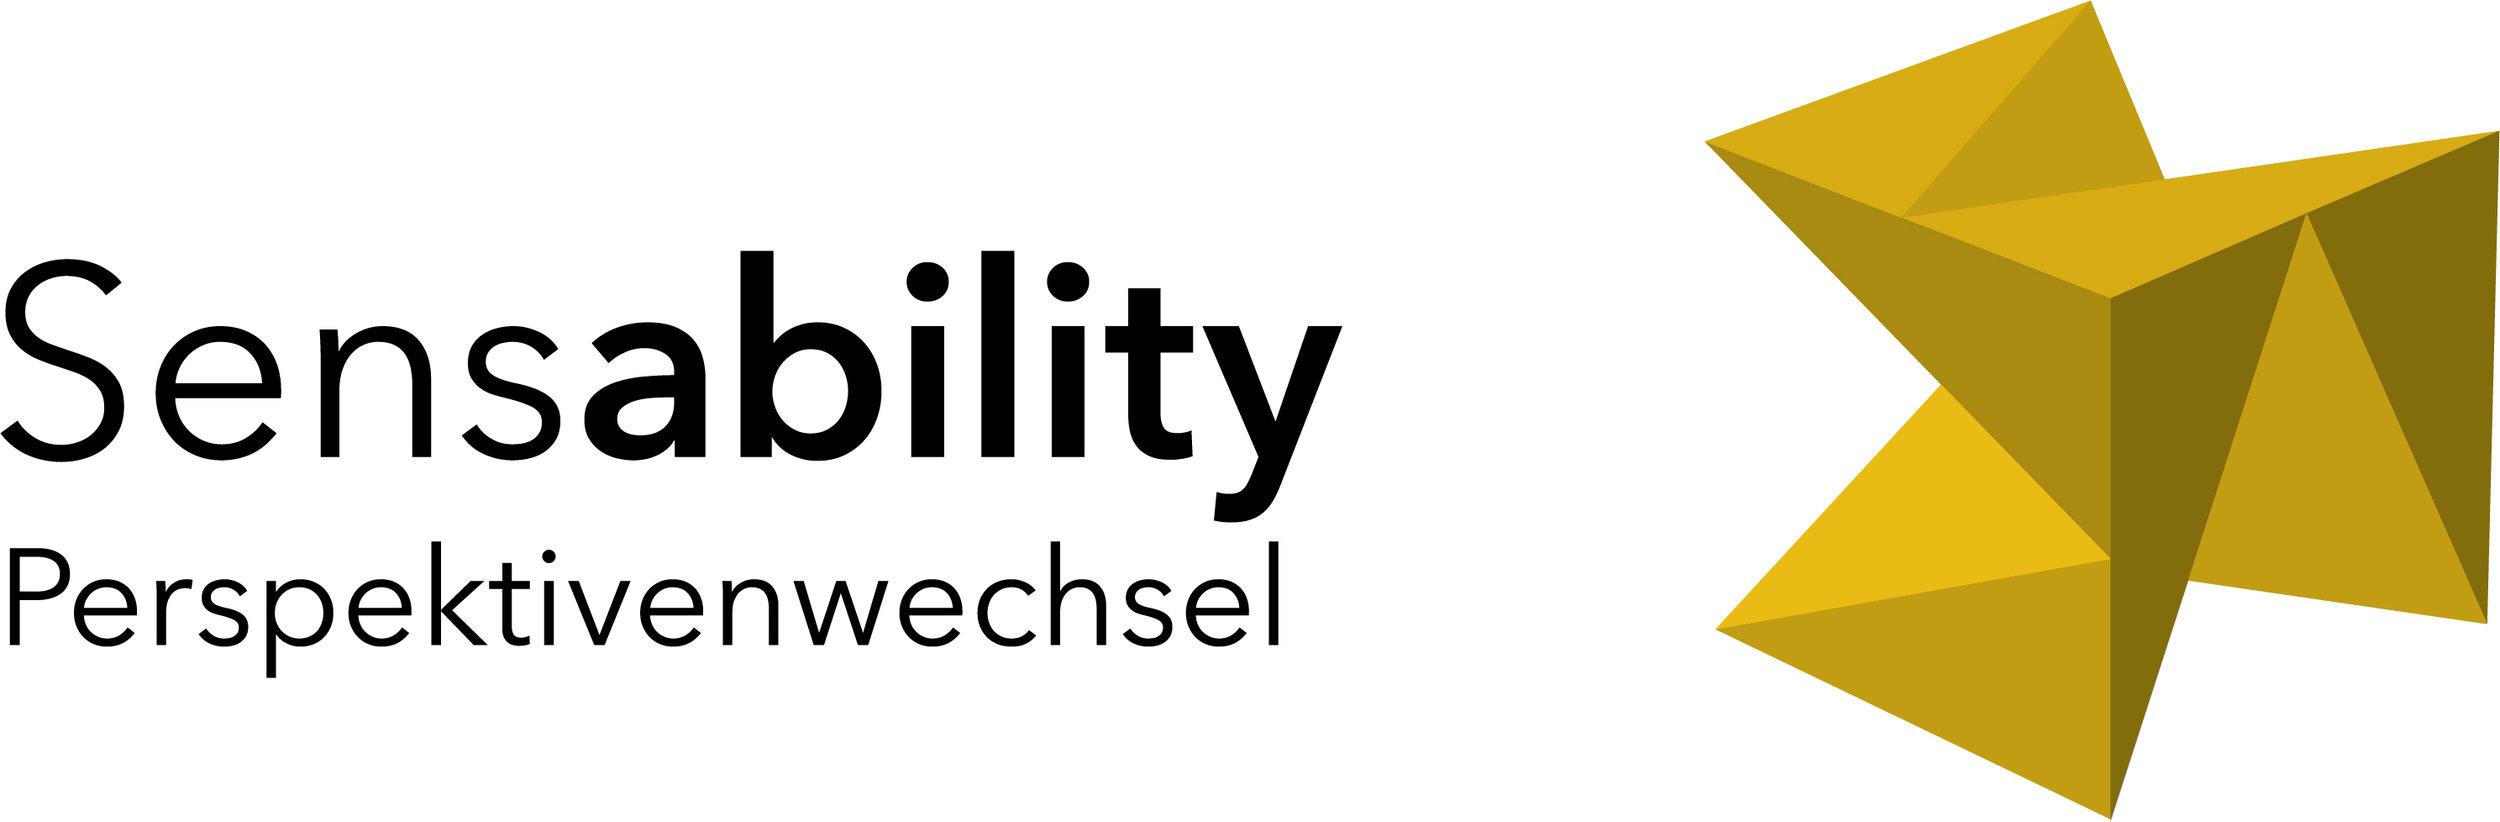 """Themen-Logo Perspektivenwechsel: Schrift """"Sensability Perspektivenwechsel"""" mit Würfel in der Farbe Senfgelb"""